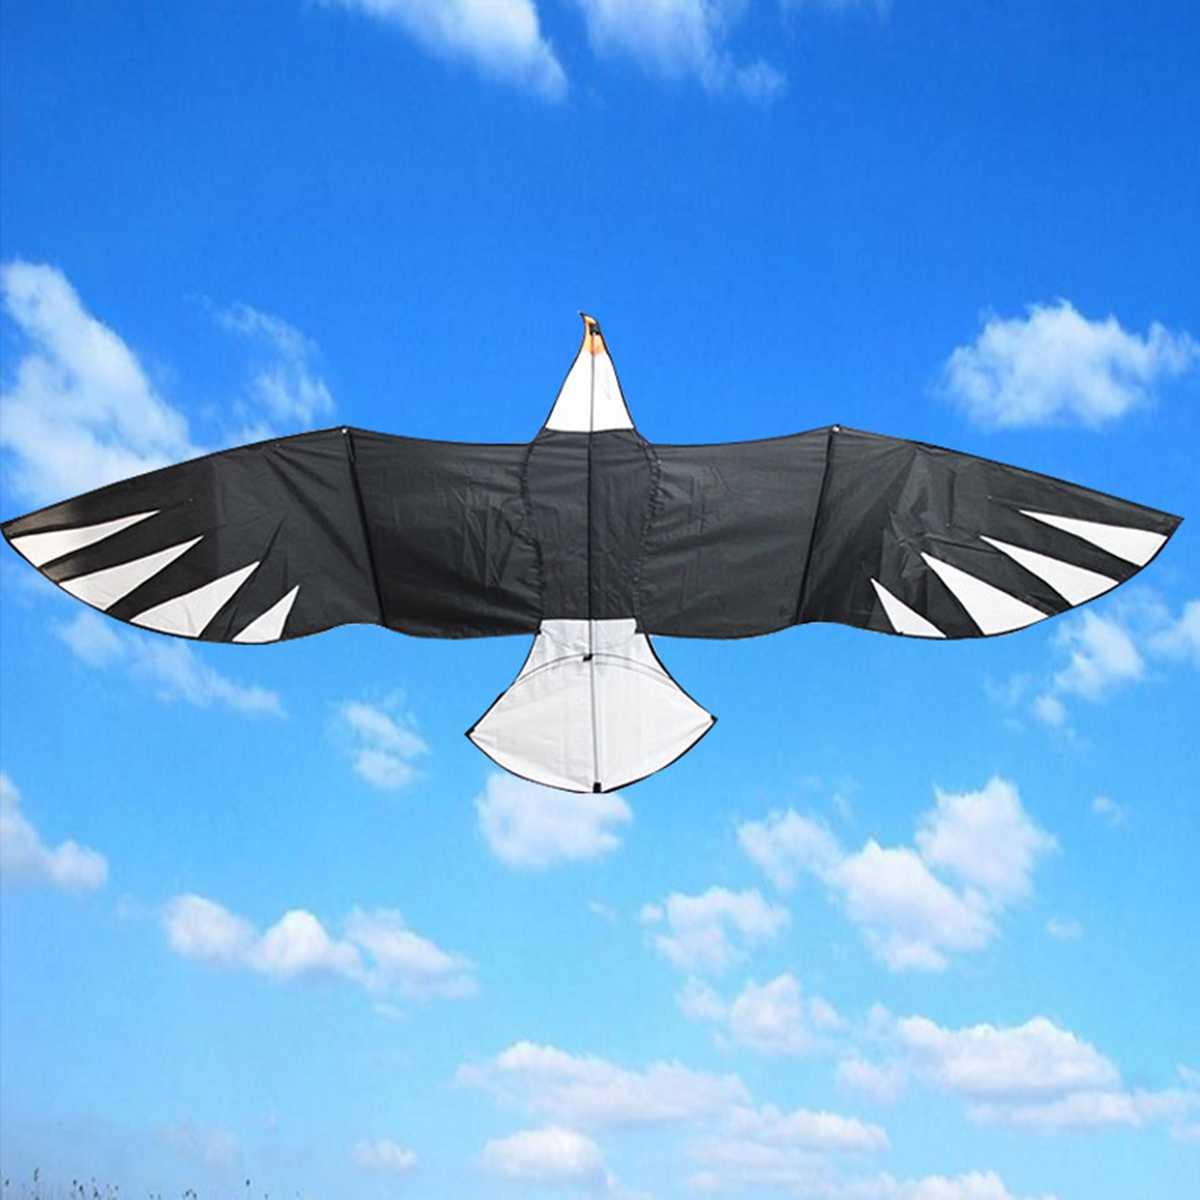 Chaude énorme 3D aigle oiseau cerf-volant aile volant ligne unique en plein air amusant Sport enfants tissu jouet grand oiseau cerfs-volants volant plus haut enfants